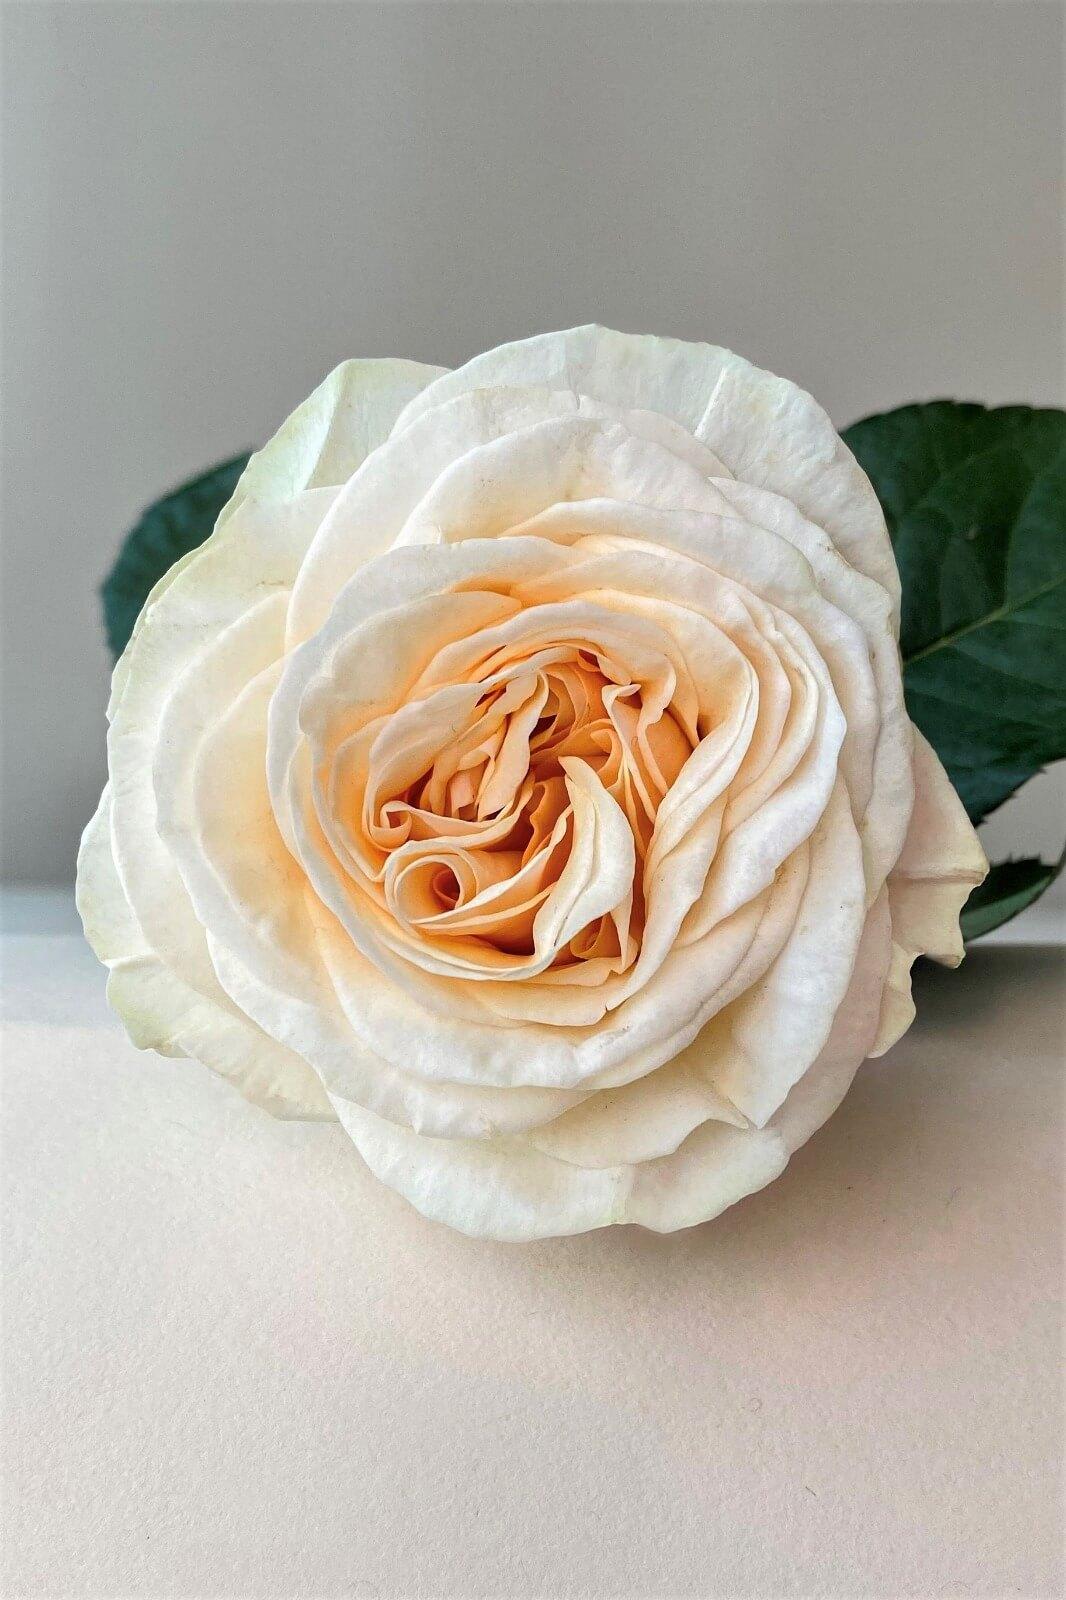 Rose Elaine